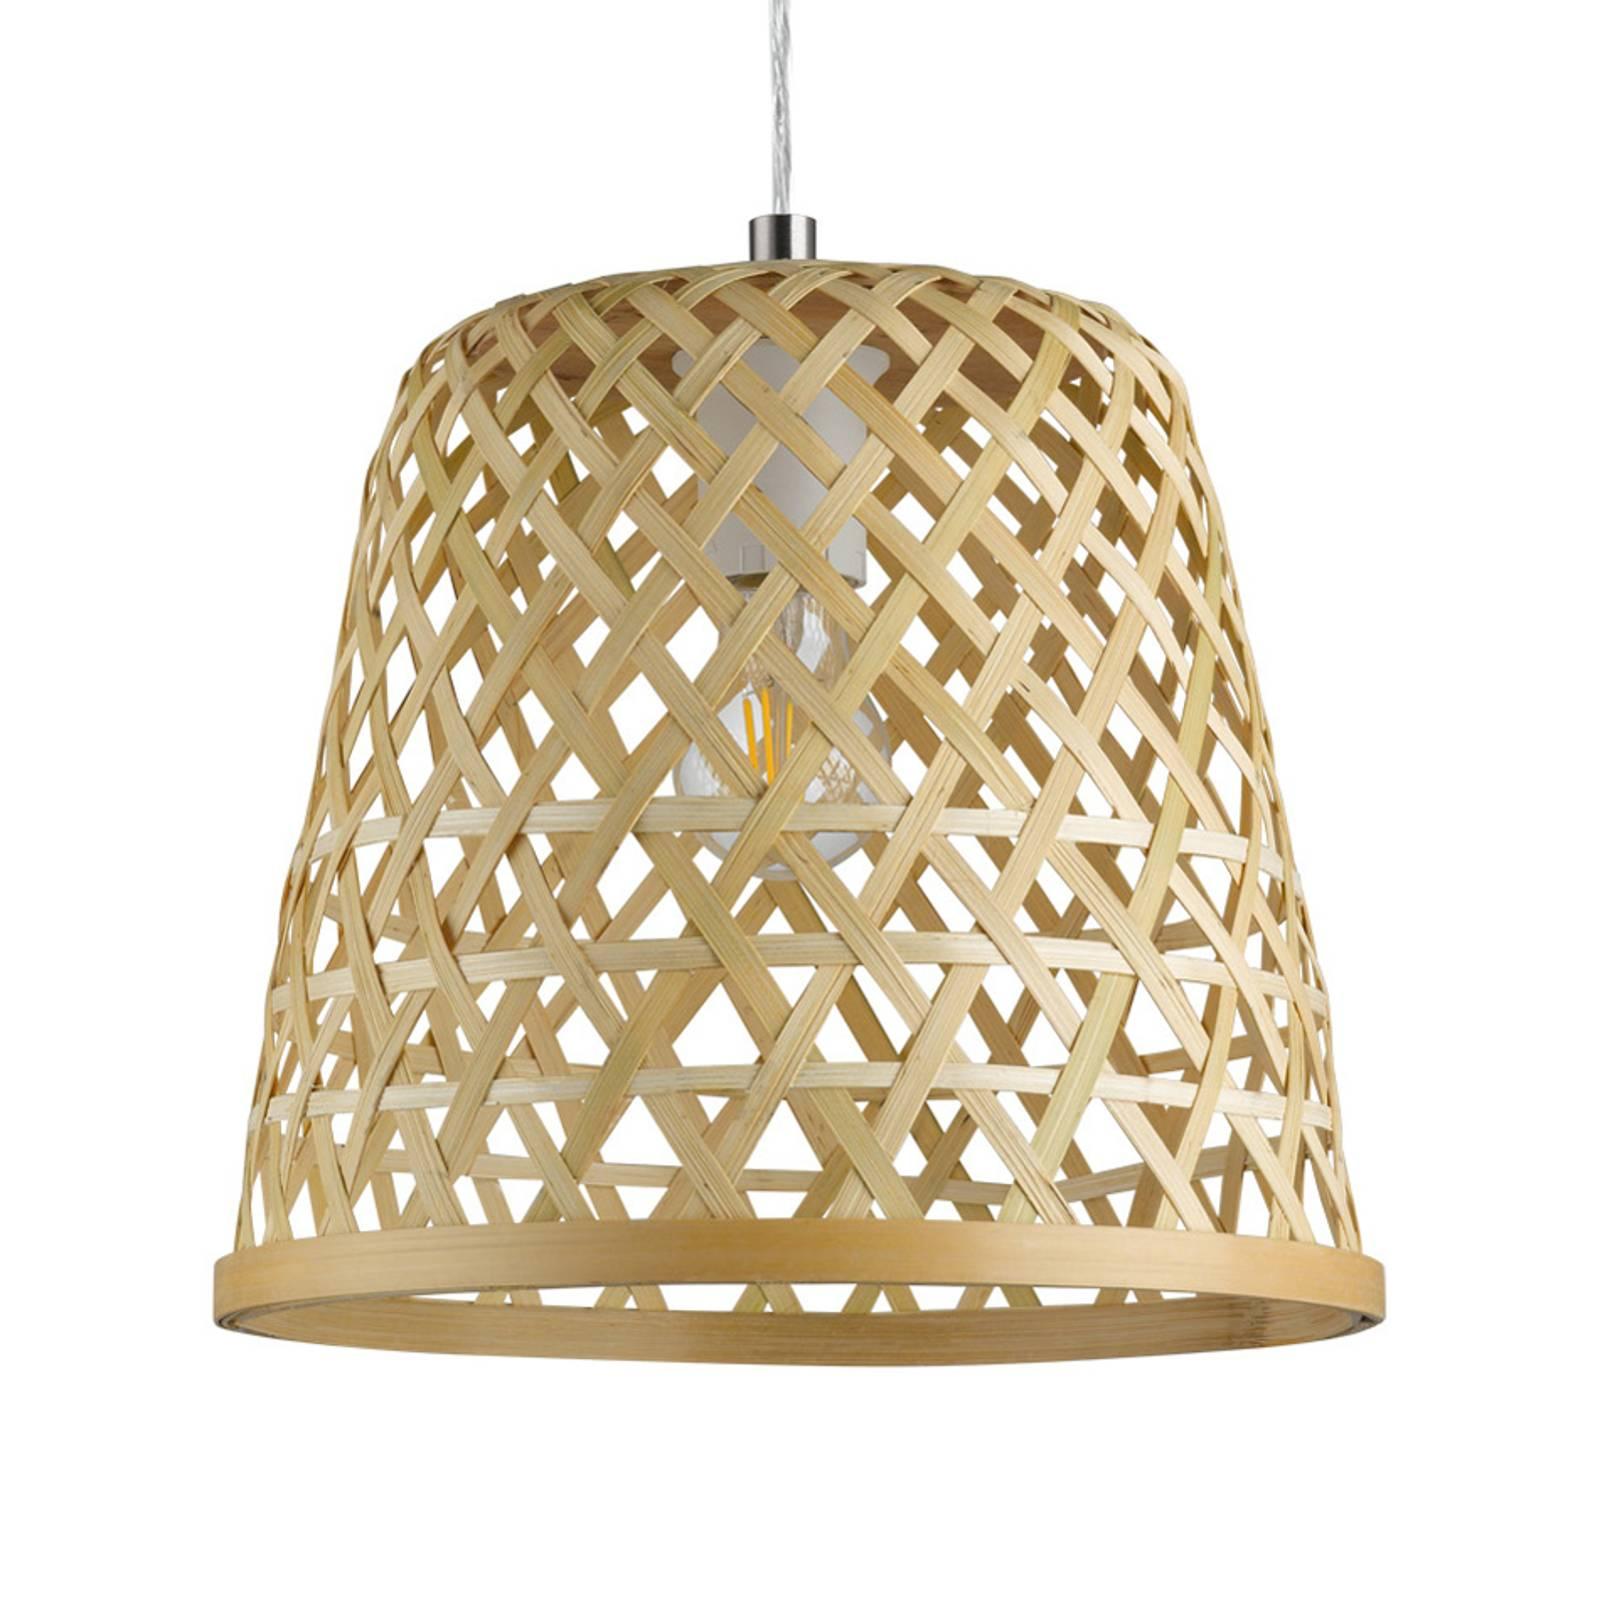 Lampa wisząca Kirkcolm z drewnianym kloszem 30cm